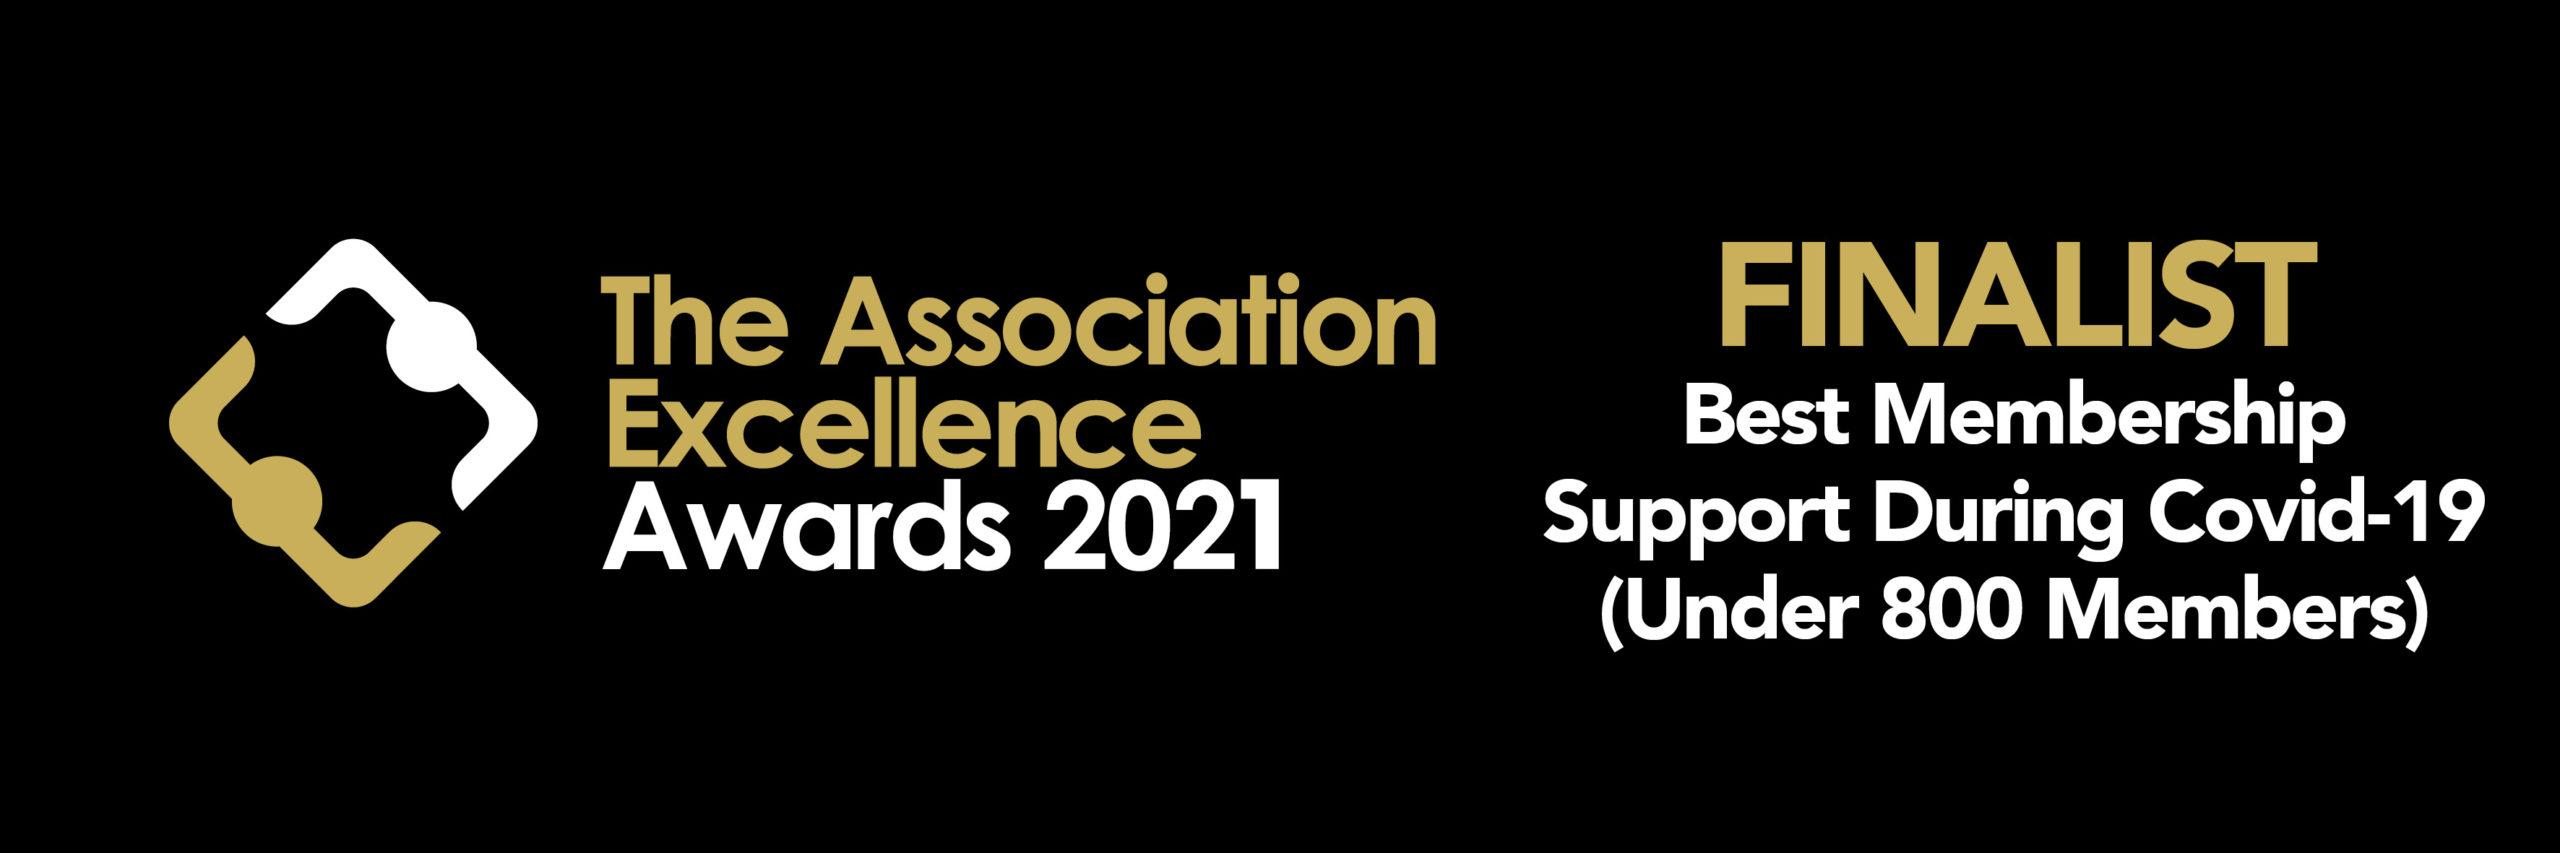 AE award best member support